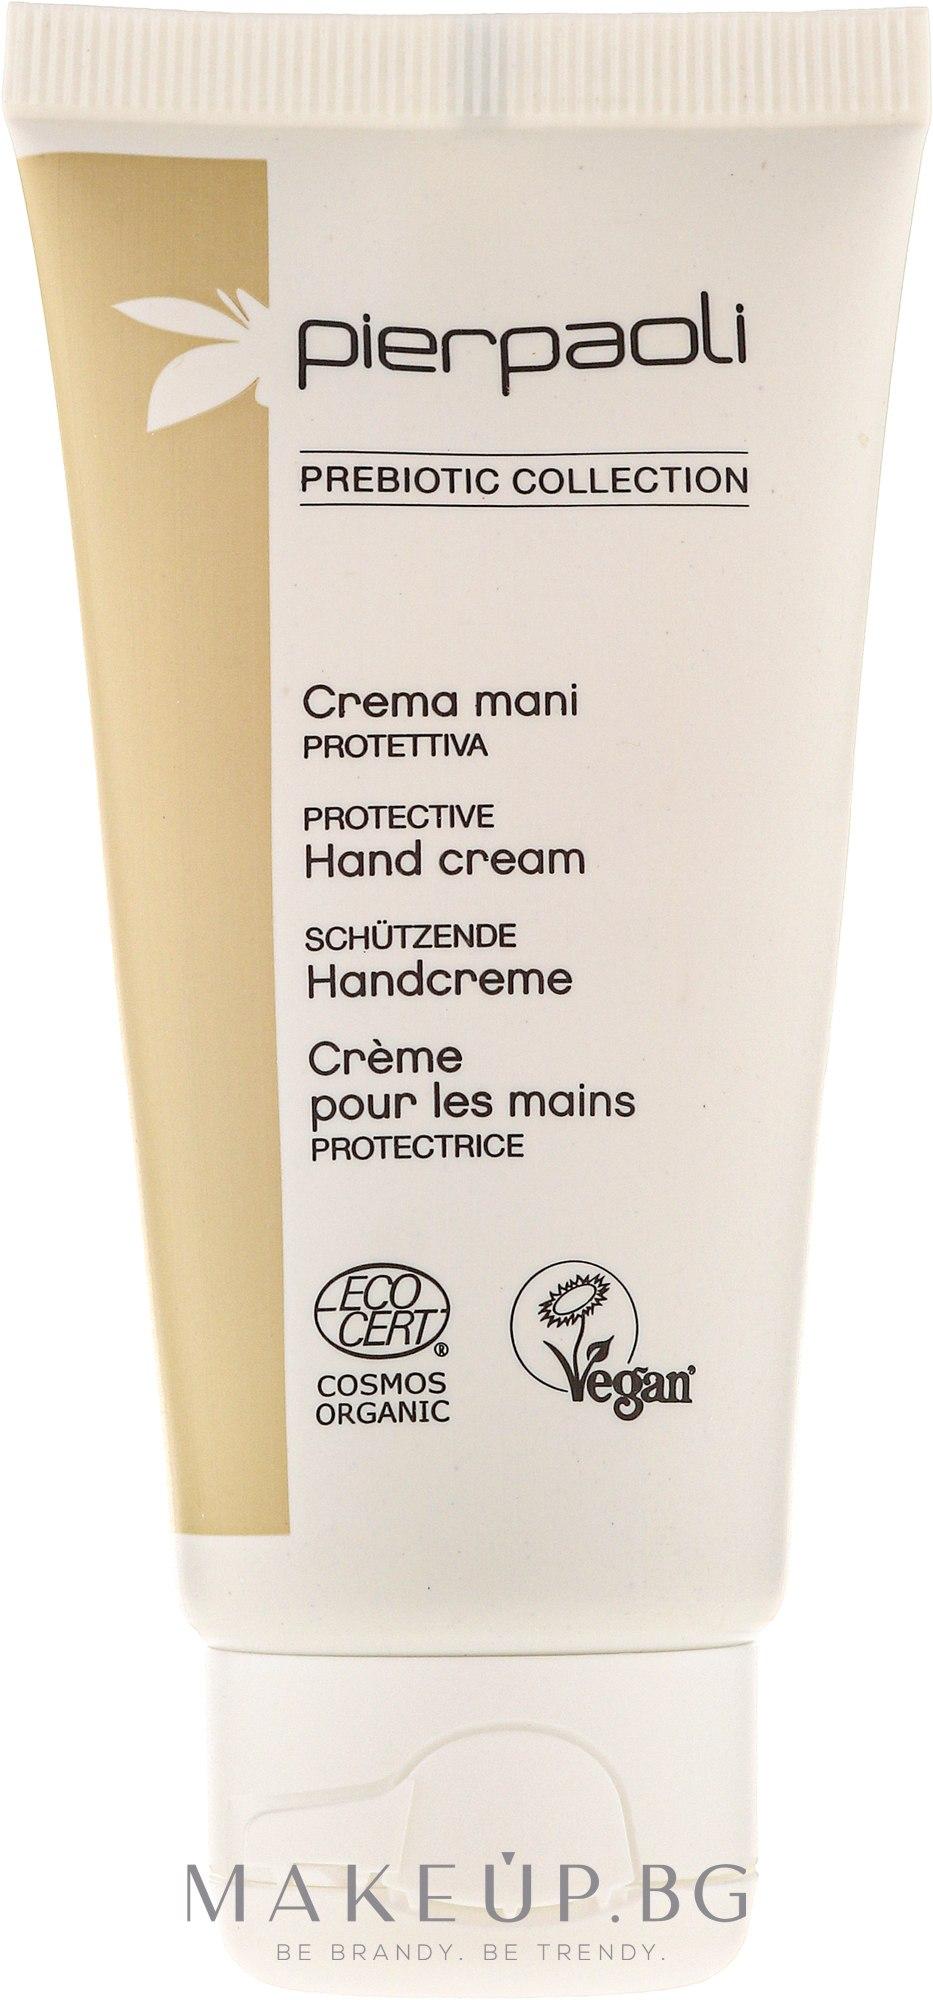 Защитен крем за ръце - Pierpaoli Prebiotic Collection Hand Cream — снимка 50 ml